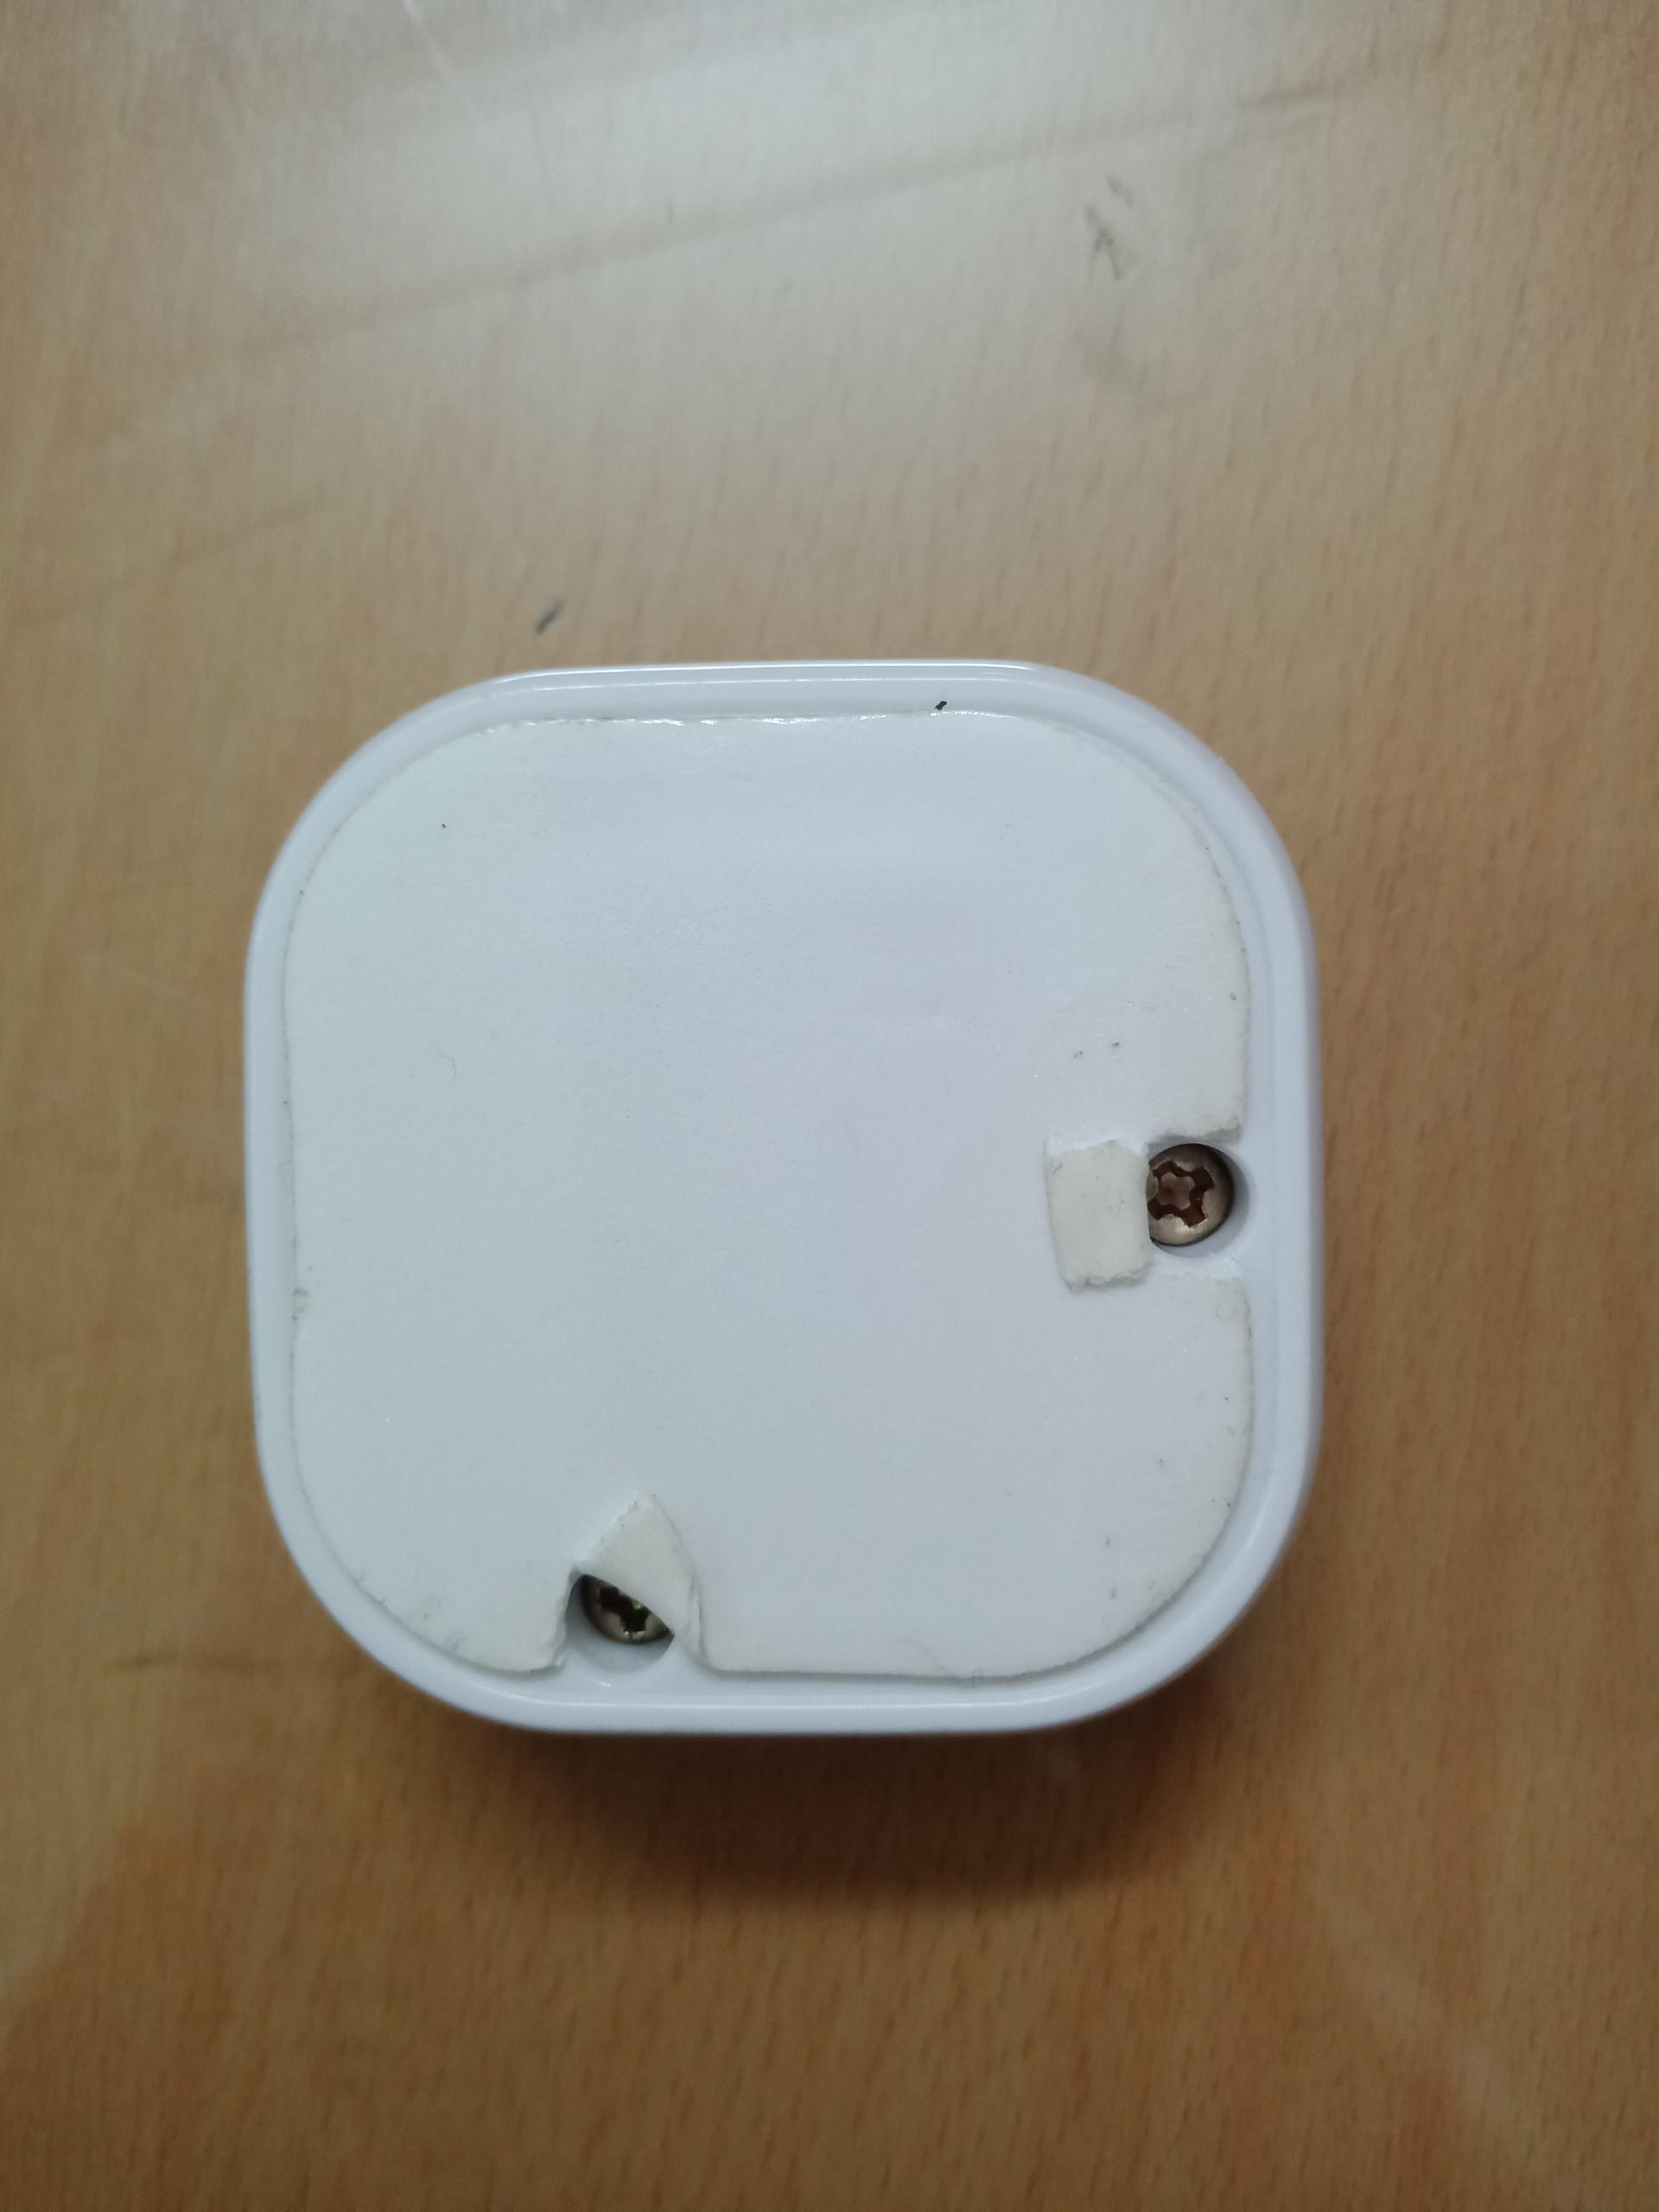 [GIẢI ĐÁP]: Nút chuông gọi phục vụ khi hết pin có thay được không?